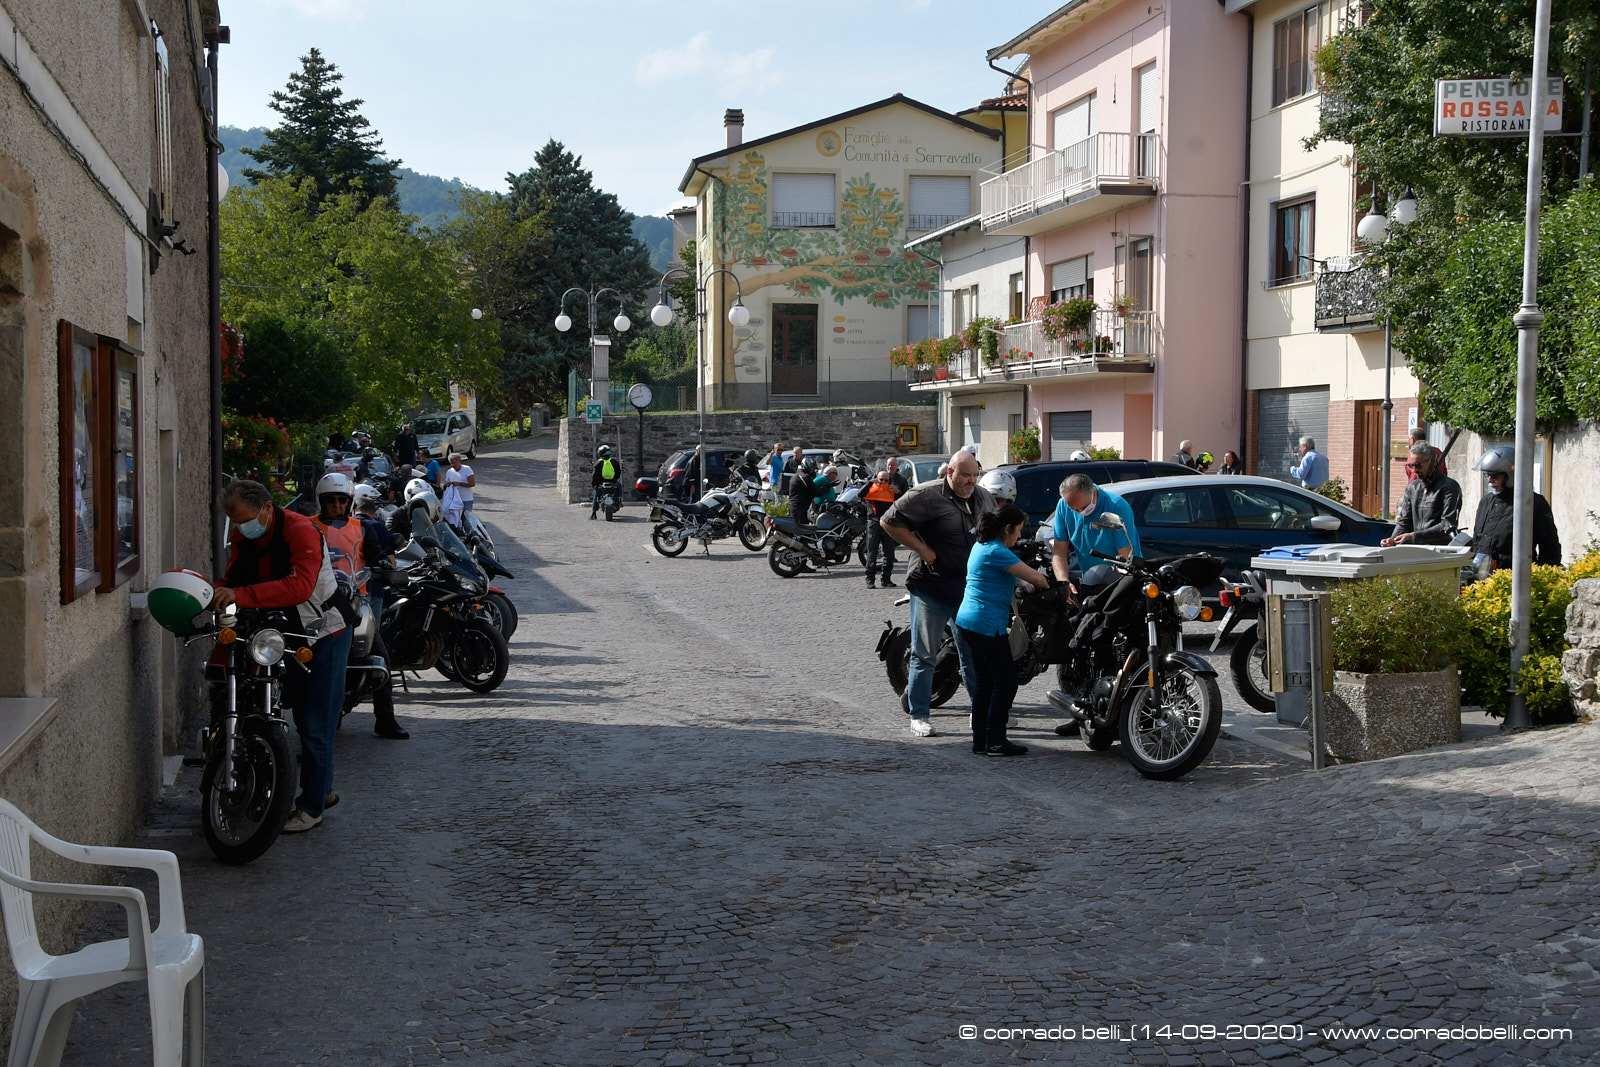 0189_-Benelli-Week-14-09-20